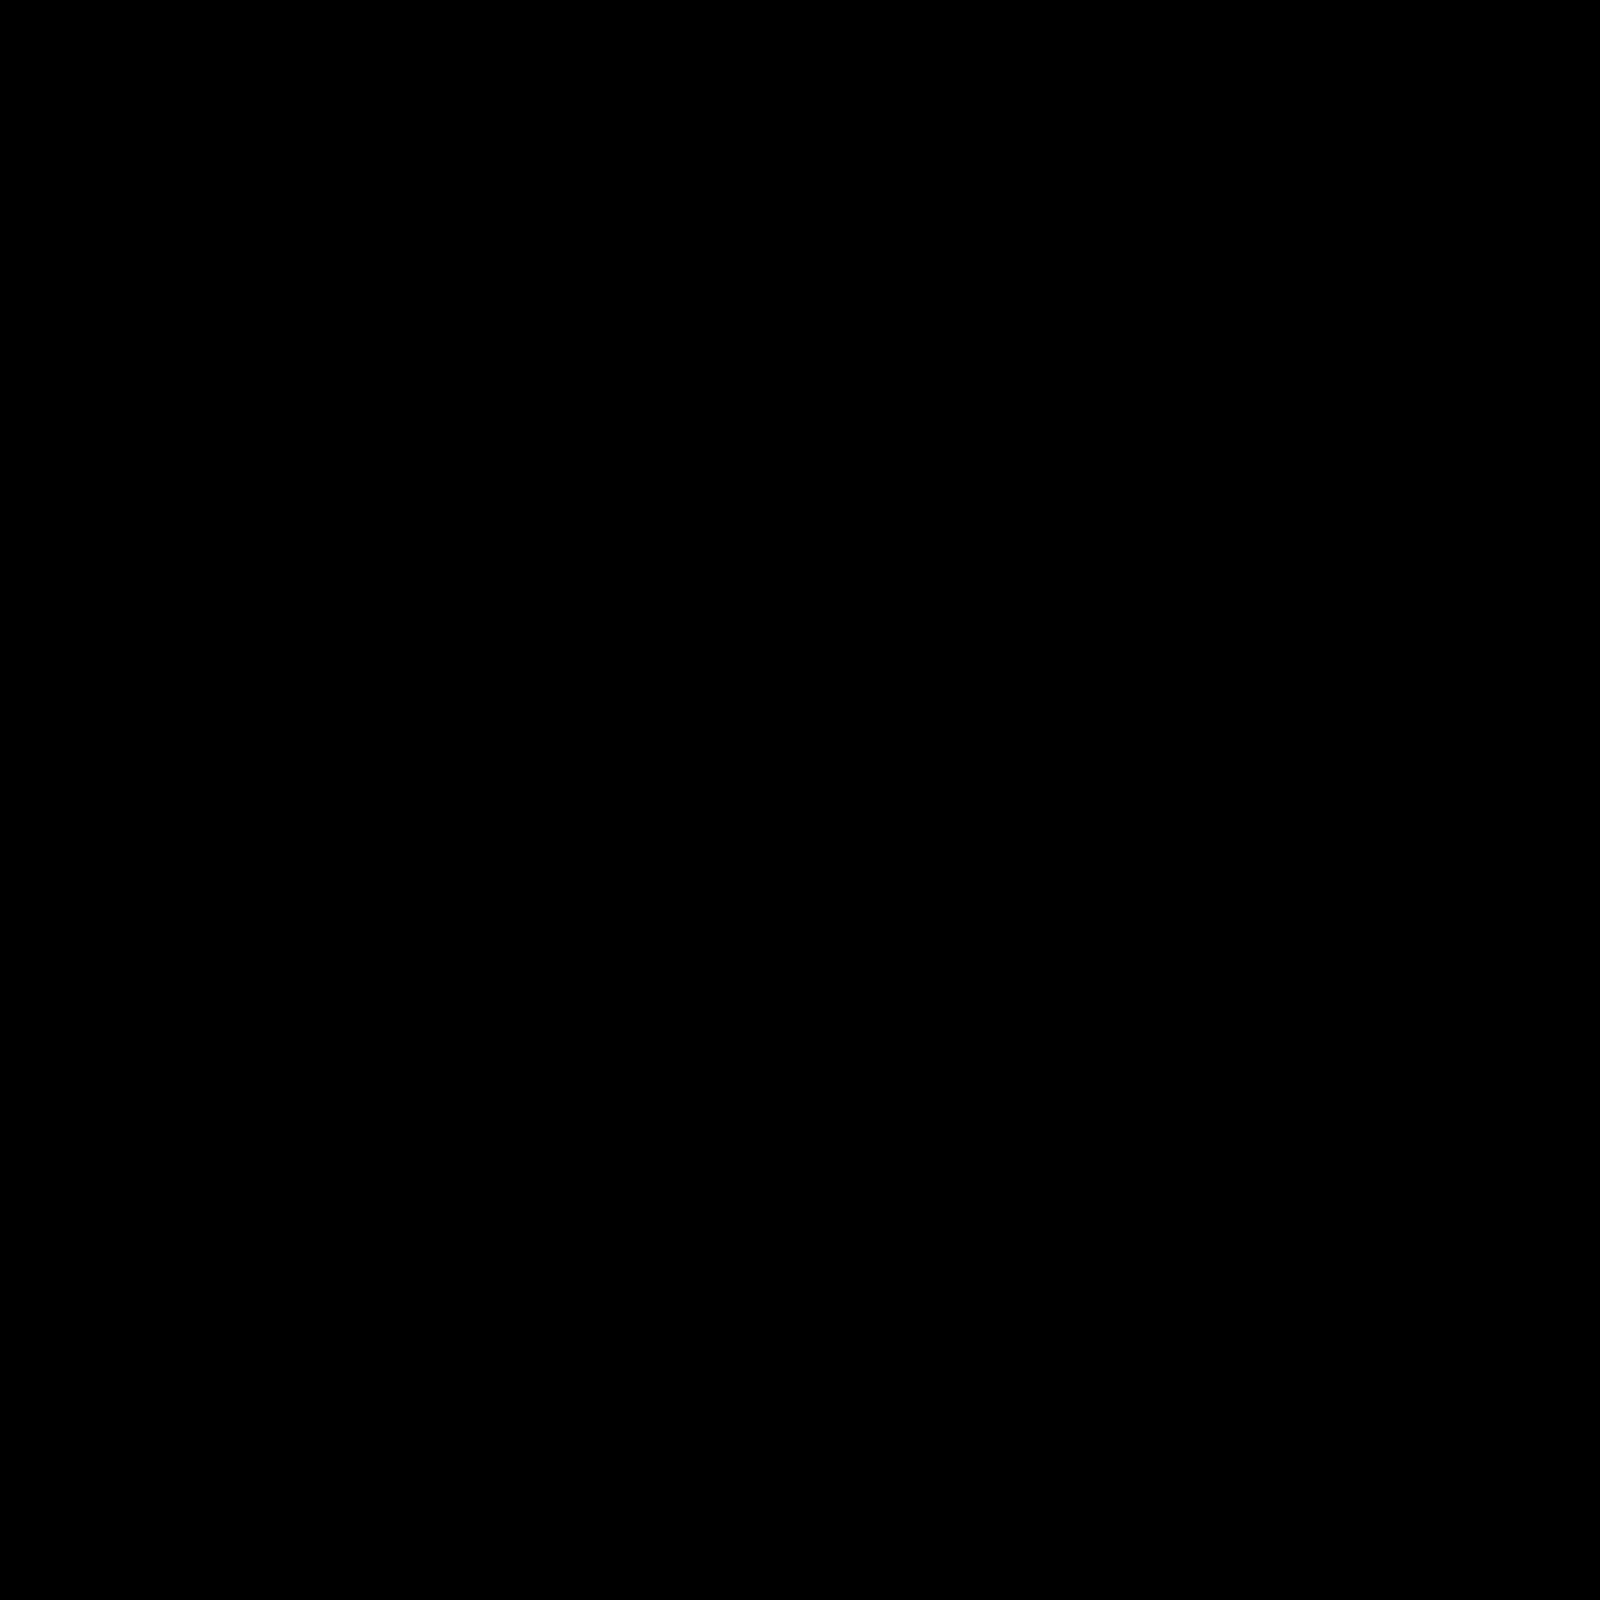 Euro Money icon